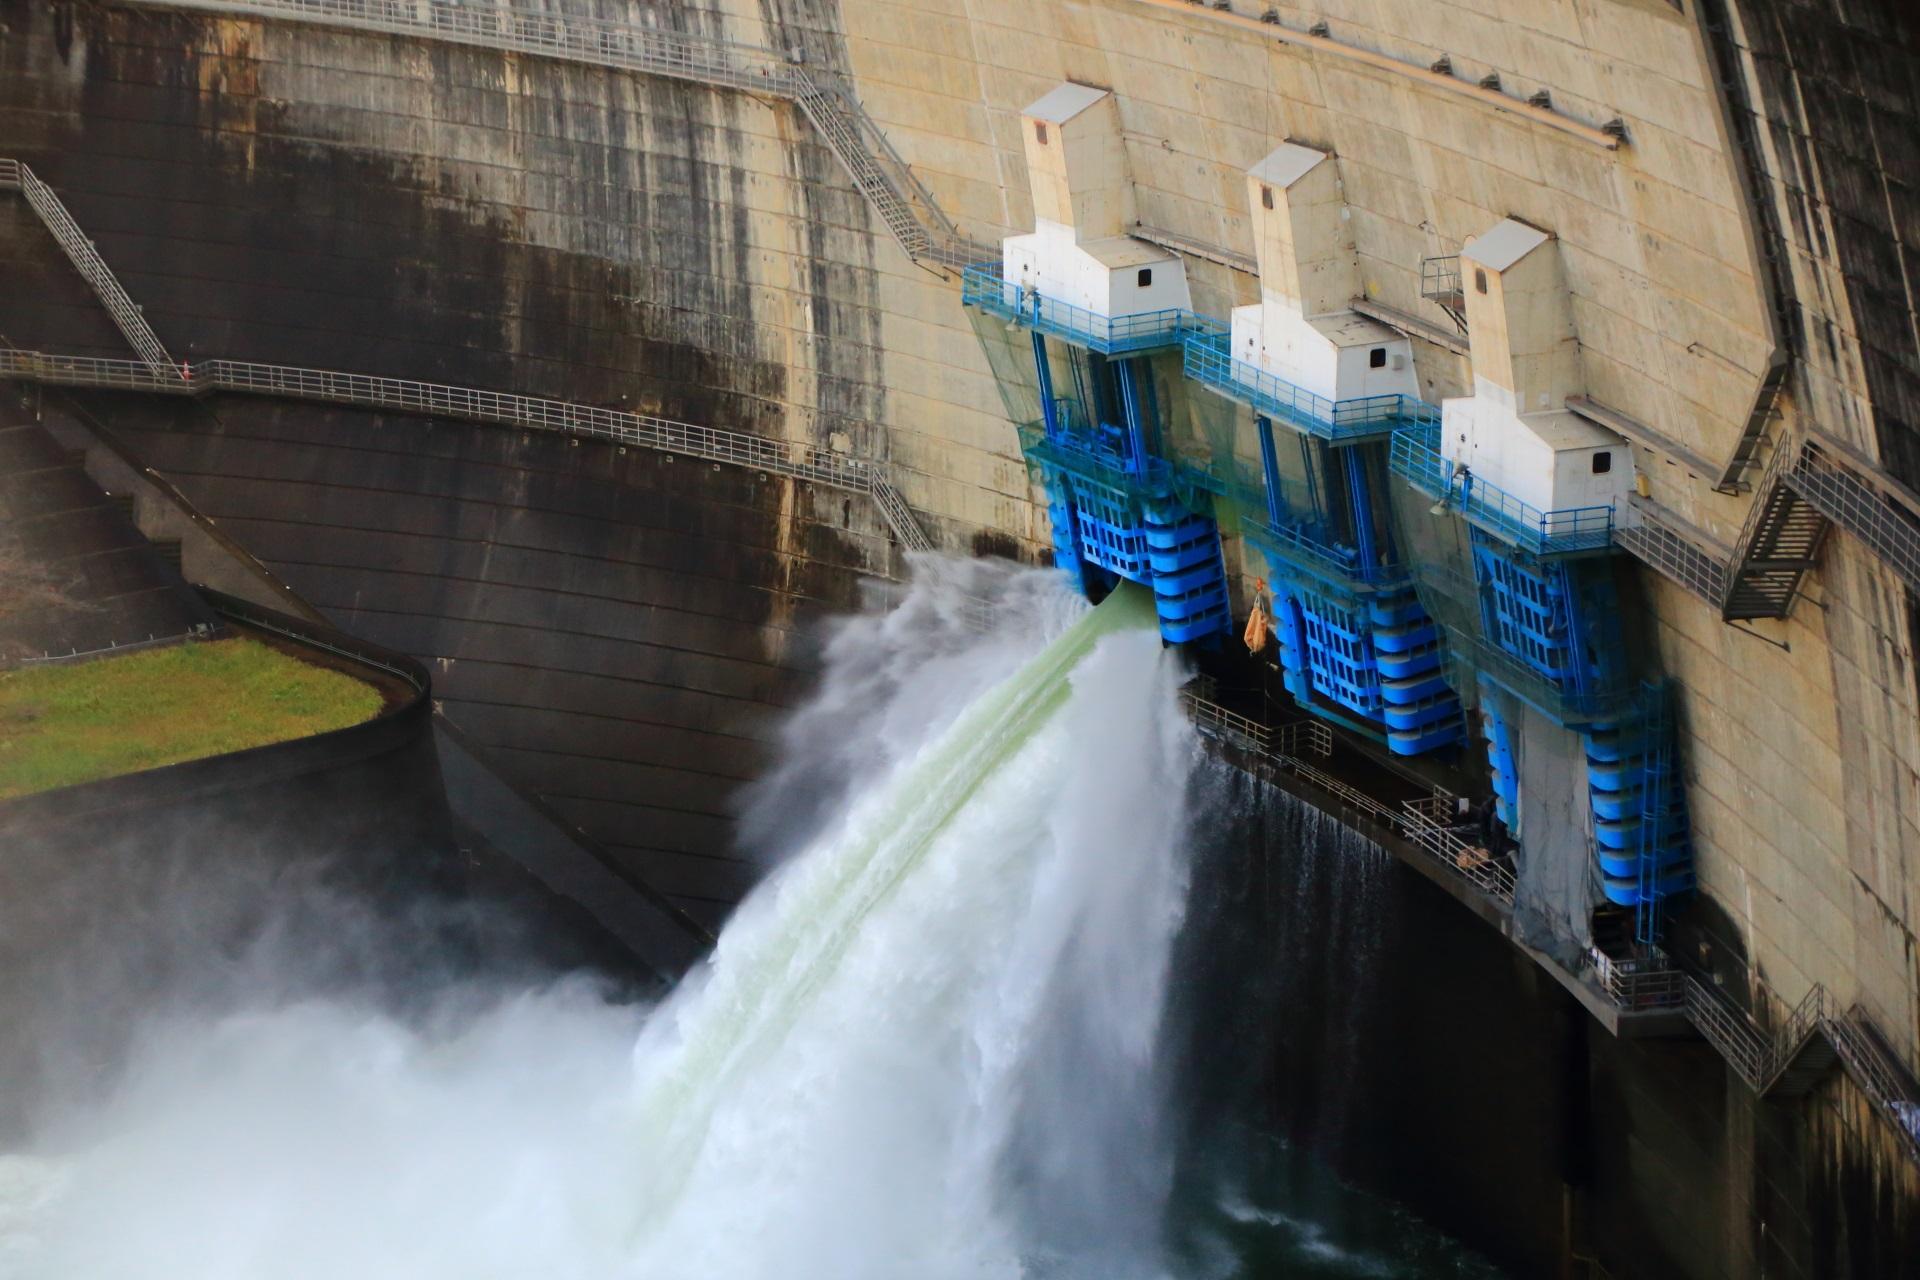 物凄い音と勢いの天ヶ瀬ダムの放流